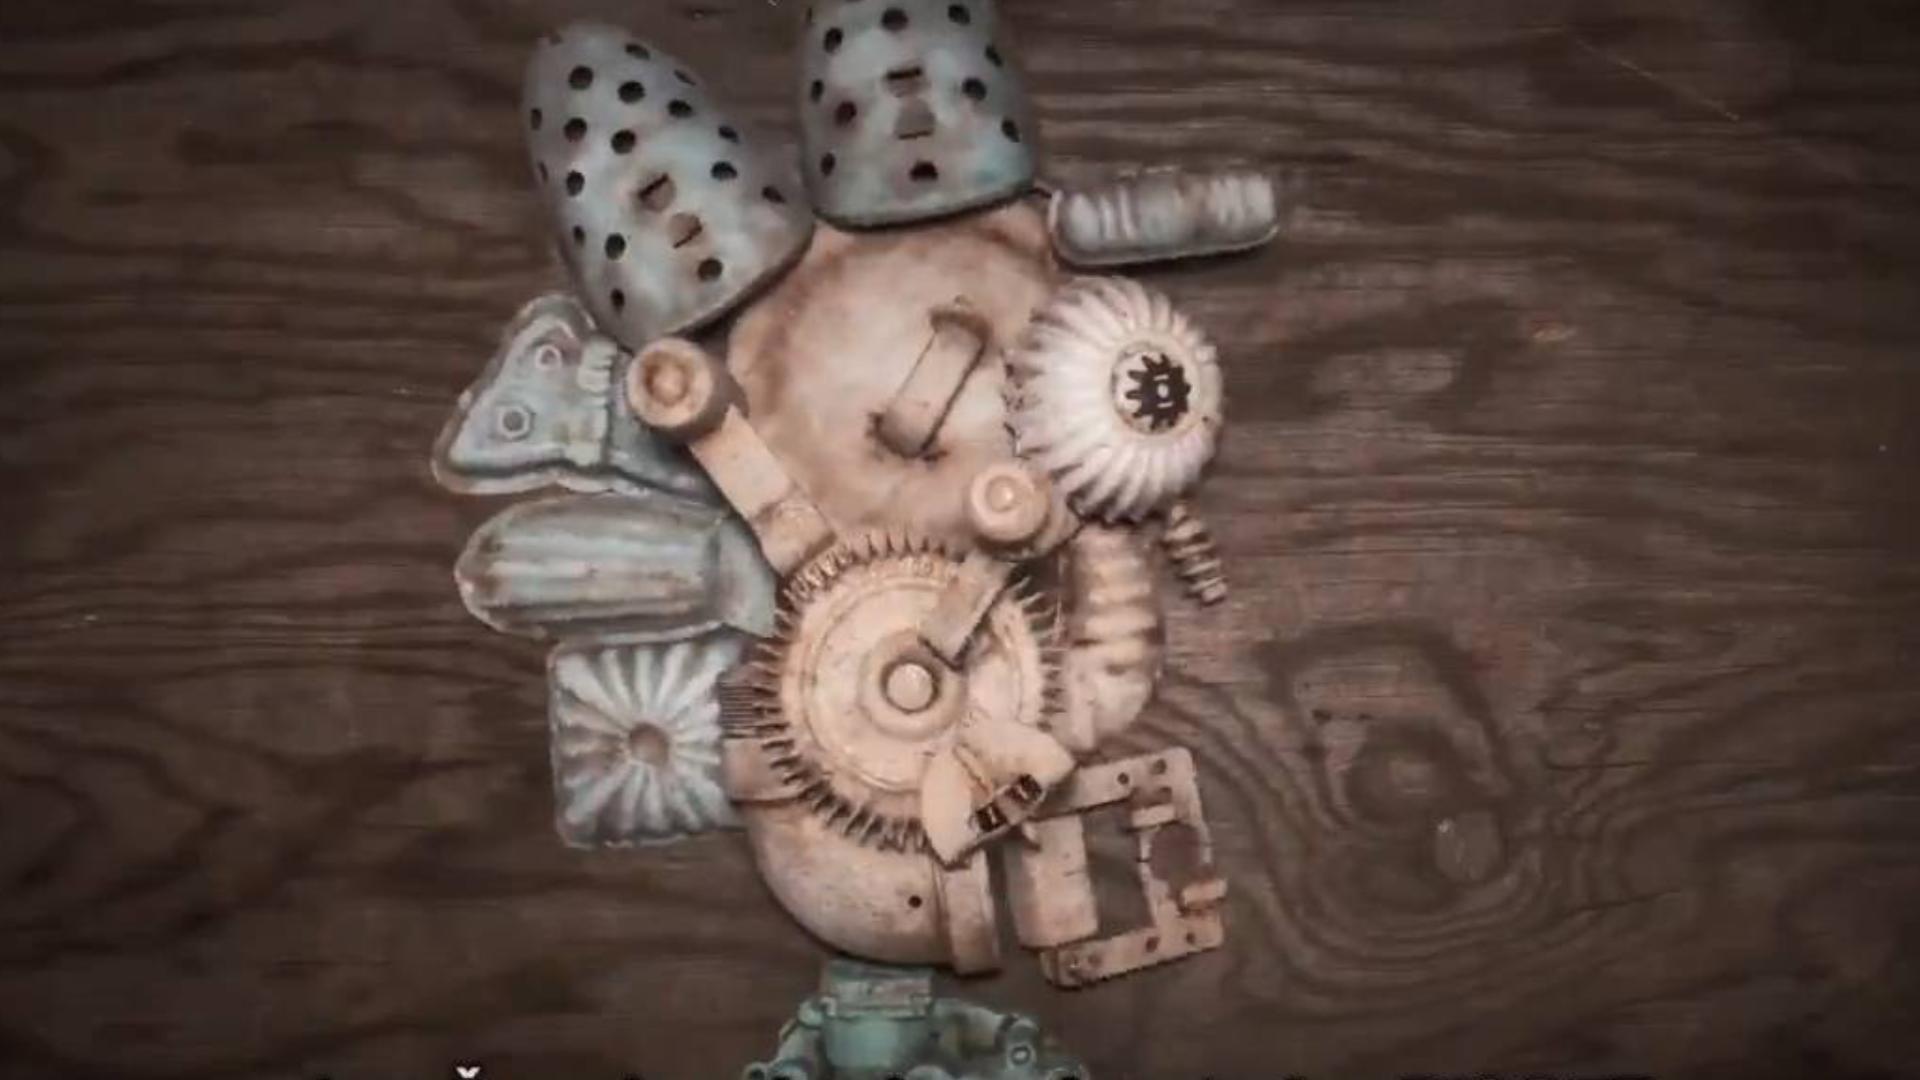 【瑞克和莫蒂】最精美的动画恶作剧